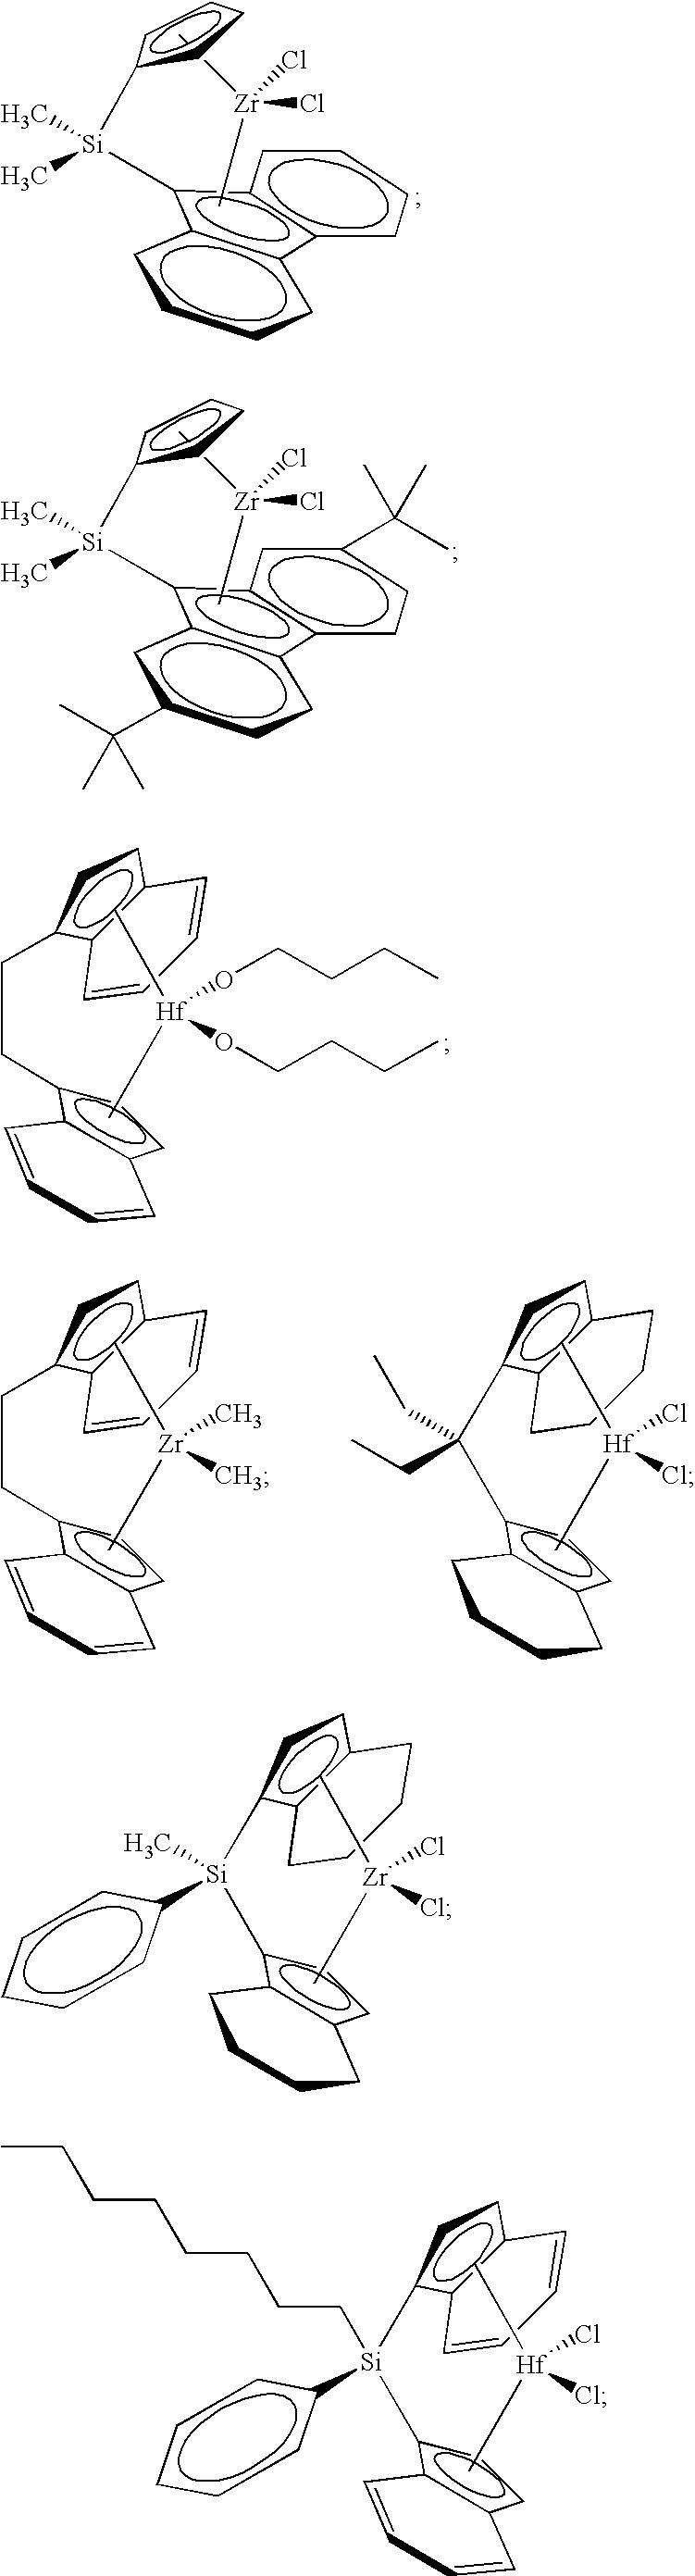 Figure US08030241-20111004-C00003